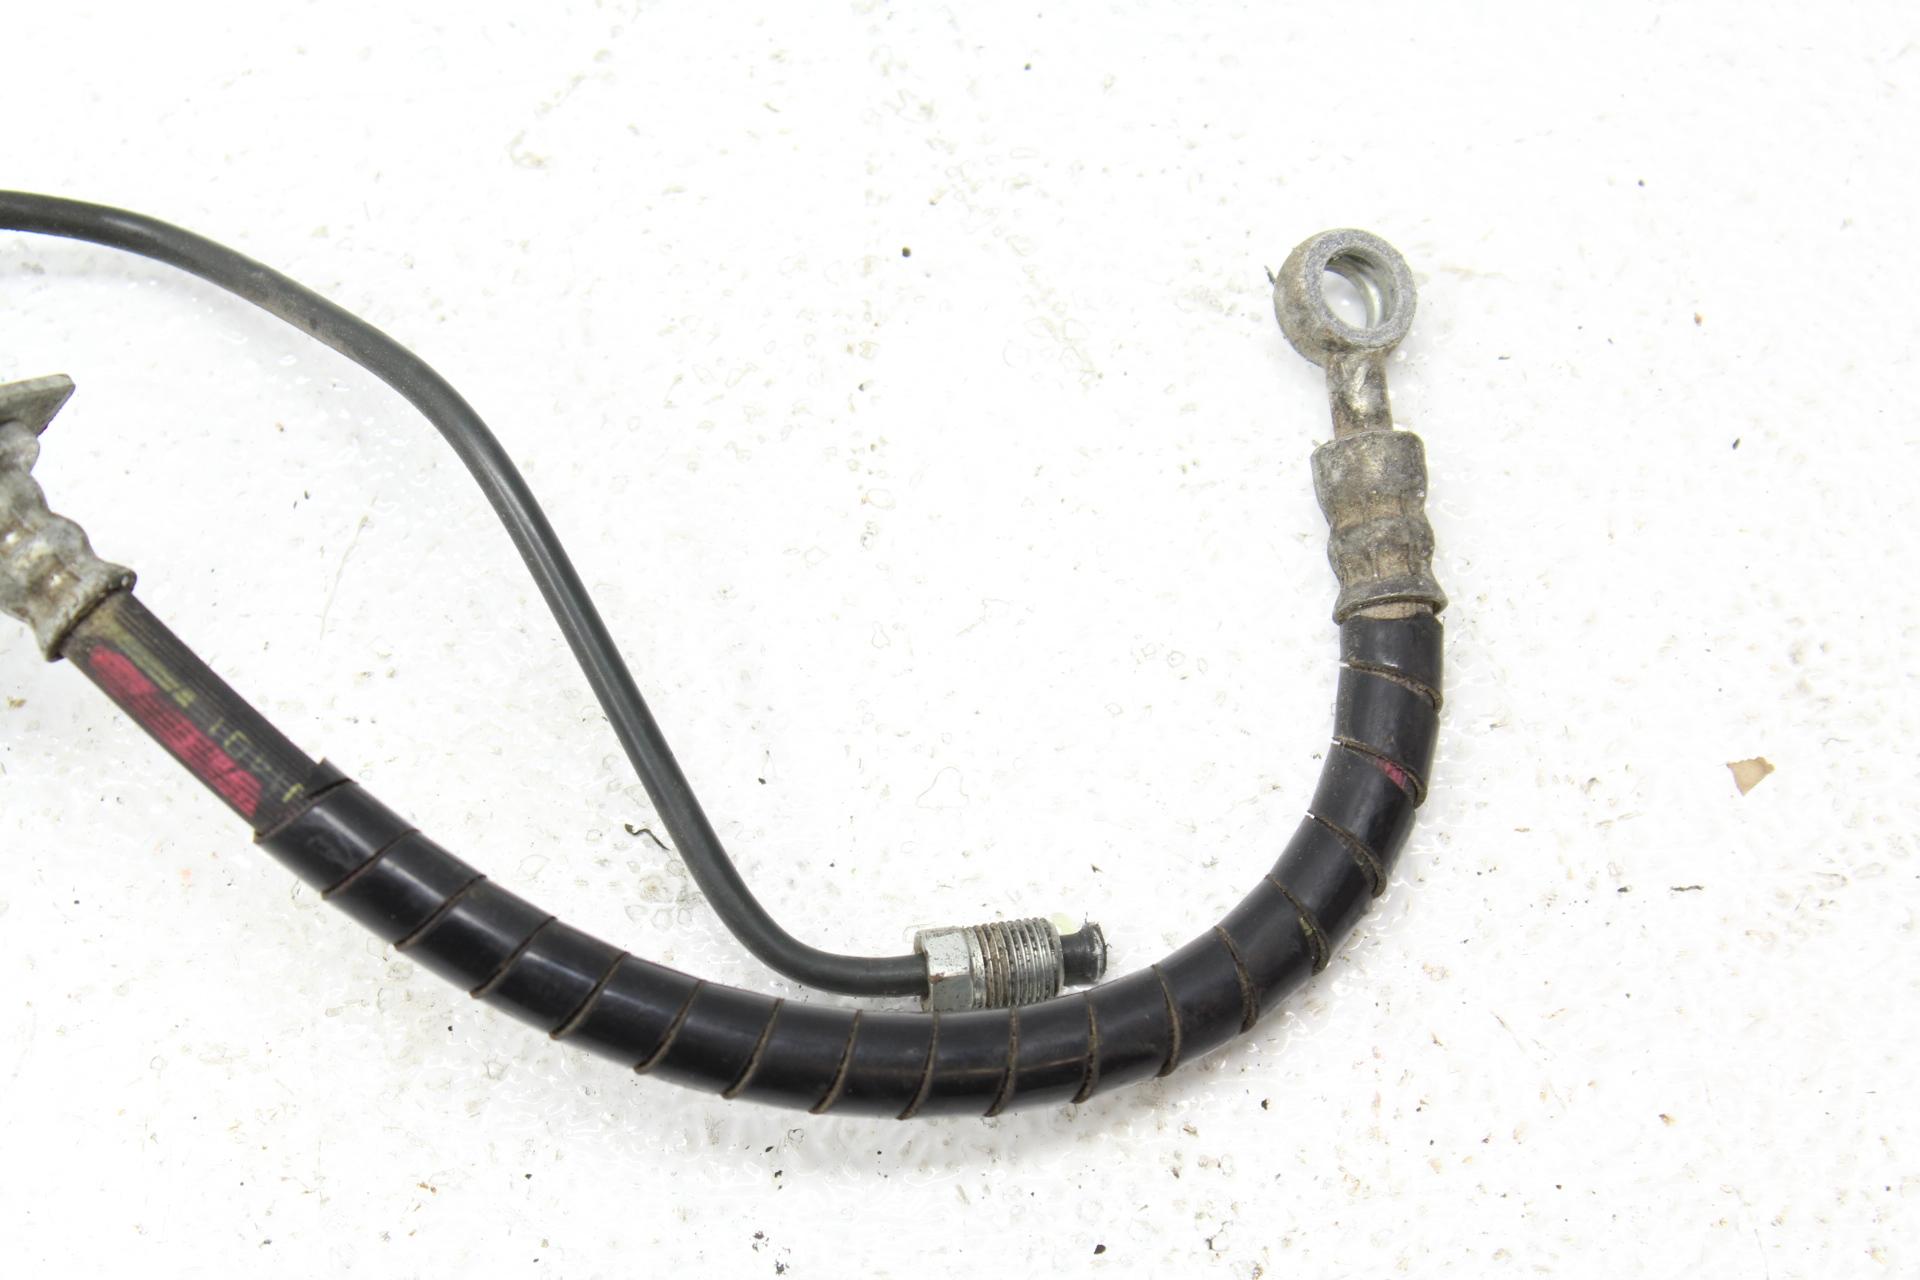 Subaru Impreza Wrx Sti Clutch Slave Cylinder